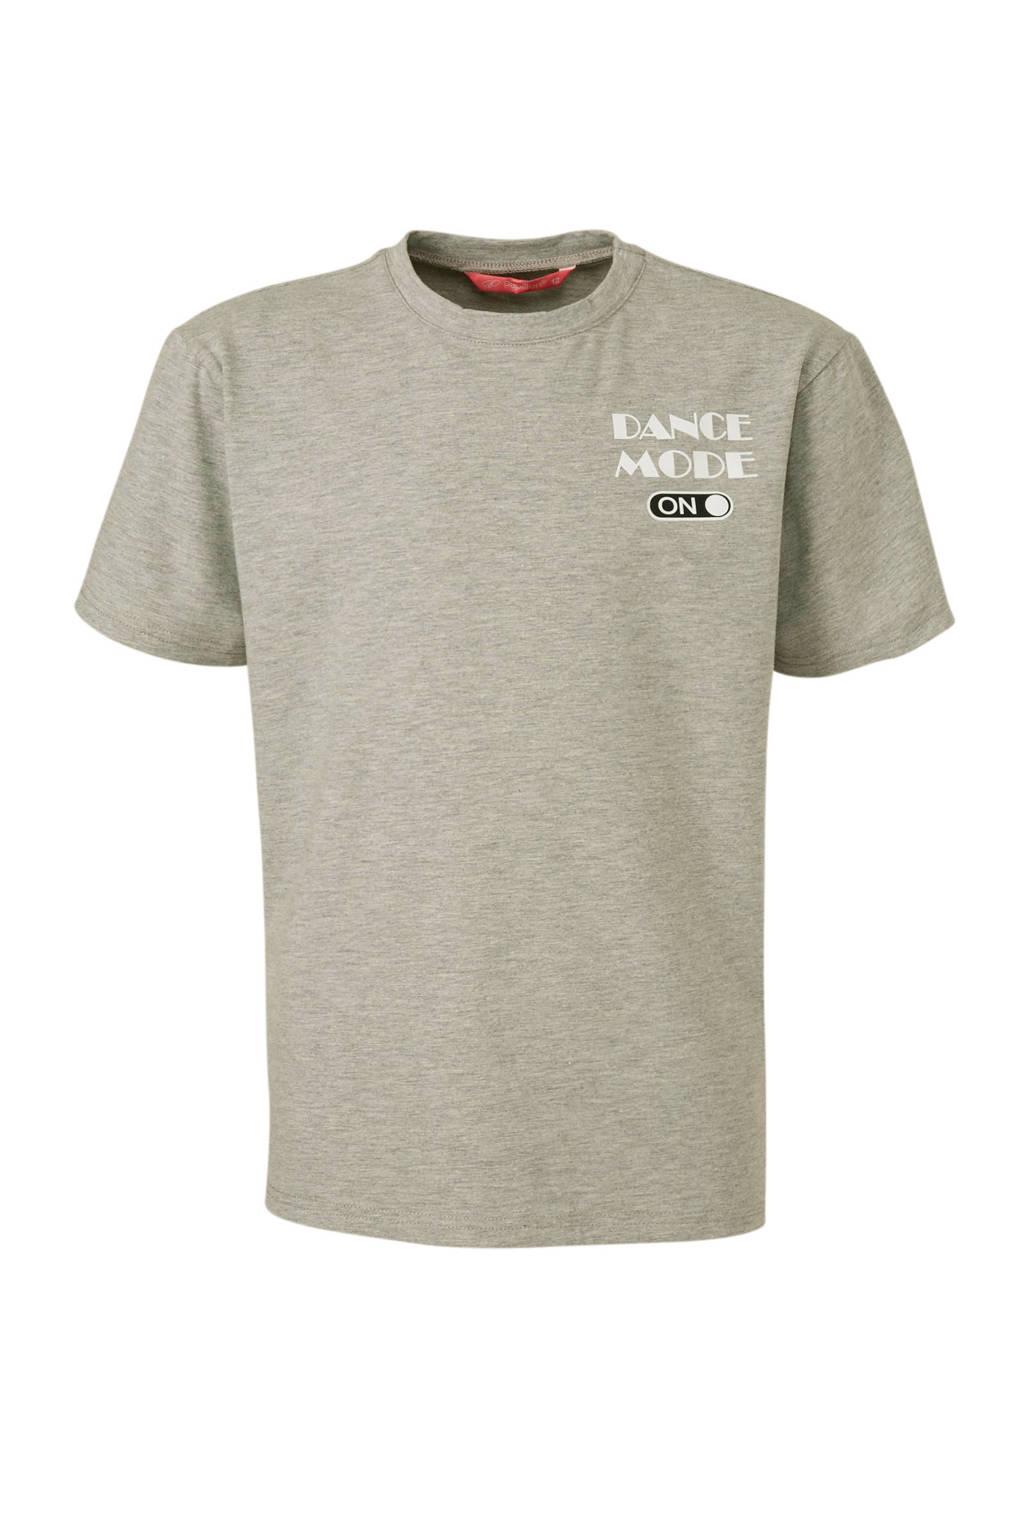 Papillon sport T-shirt grijs, Grijs melange